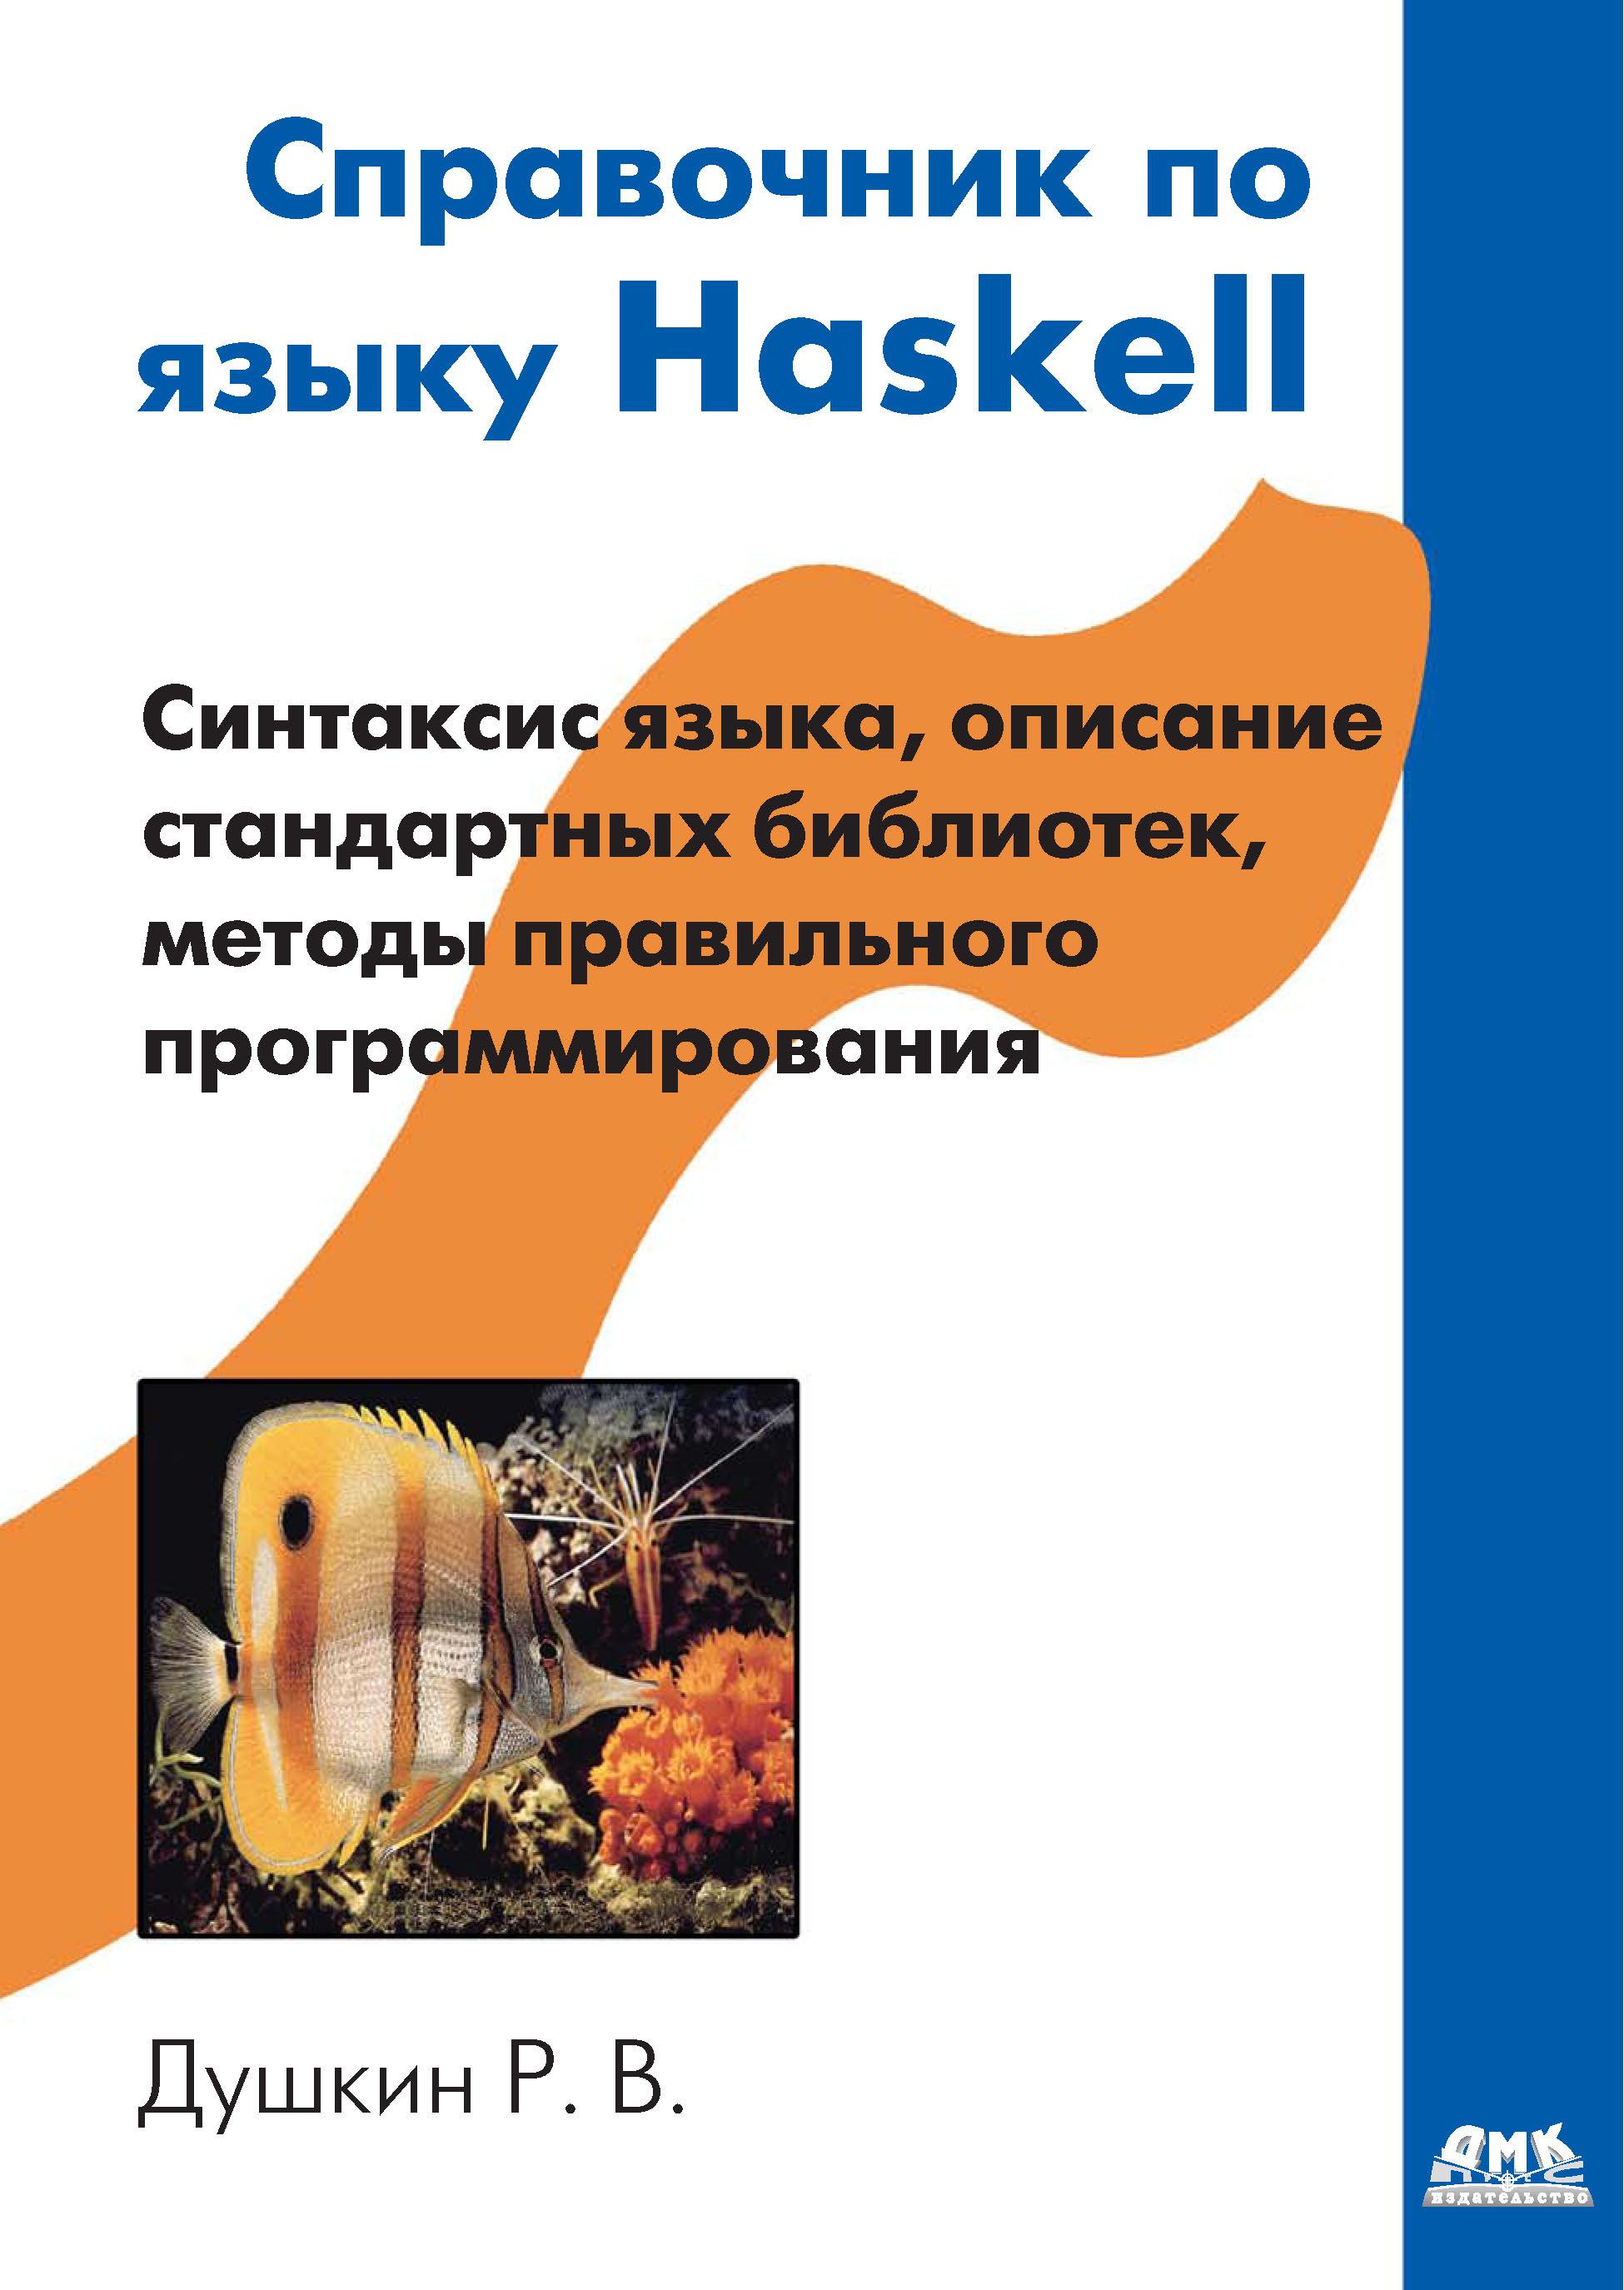 Р. В. Душкин Справочник по языку Haskell алехандро серано мена изучаем haskell